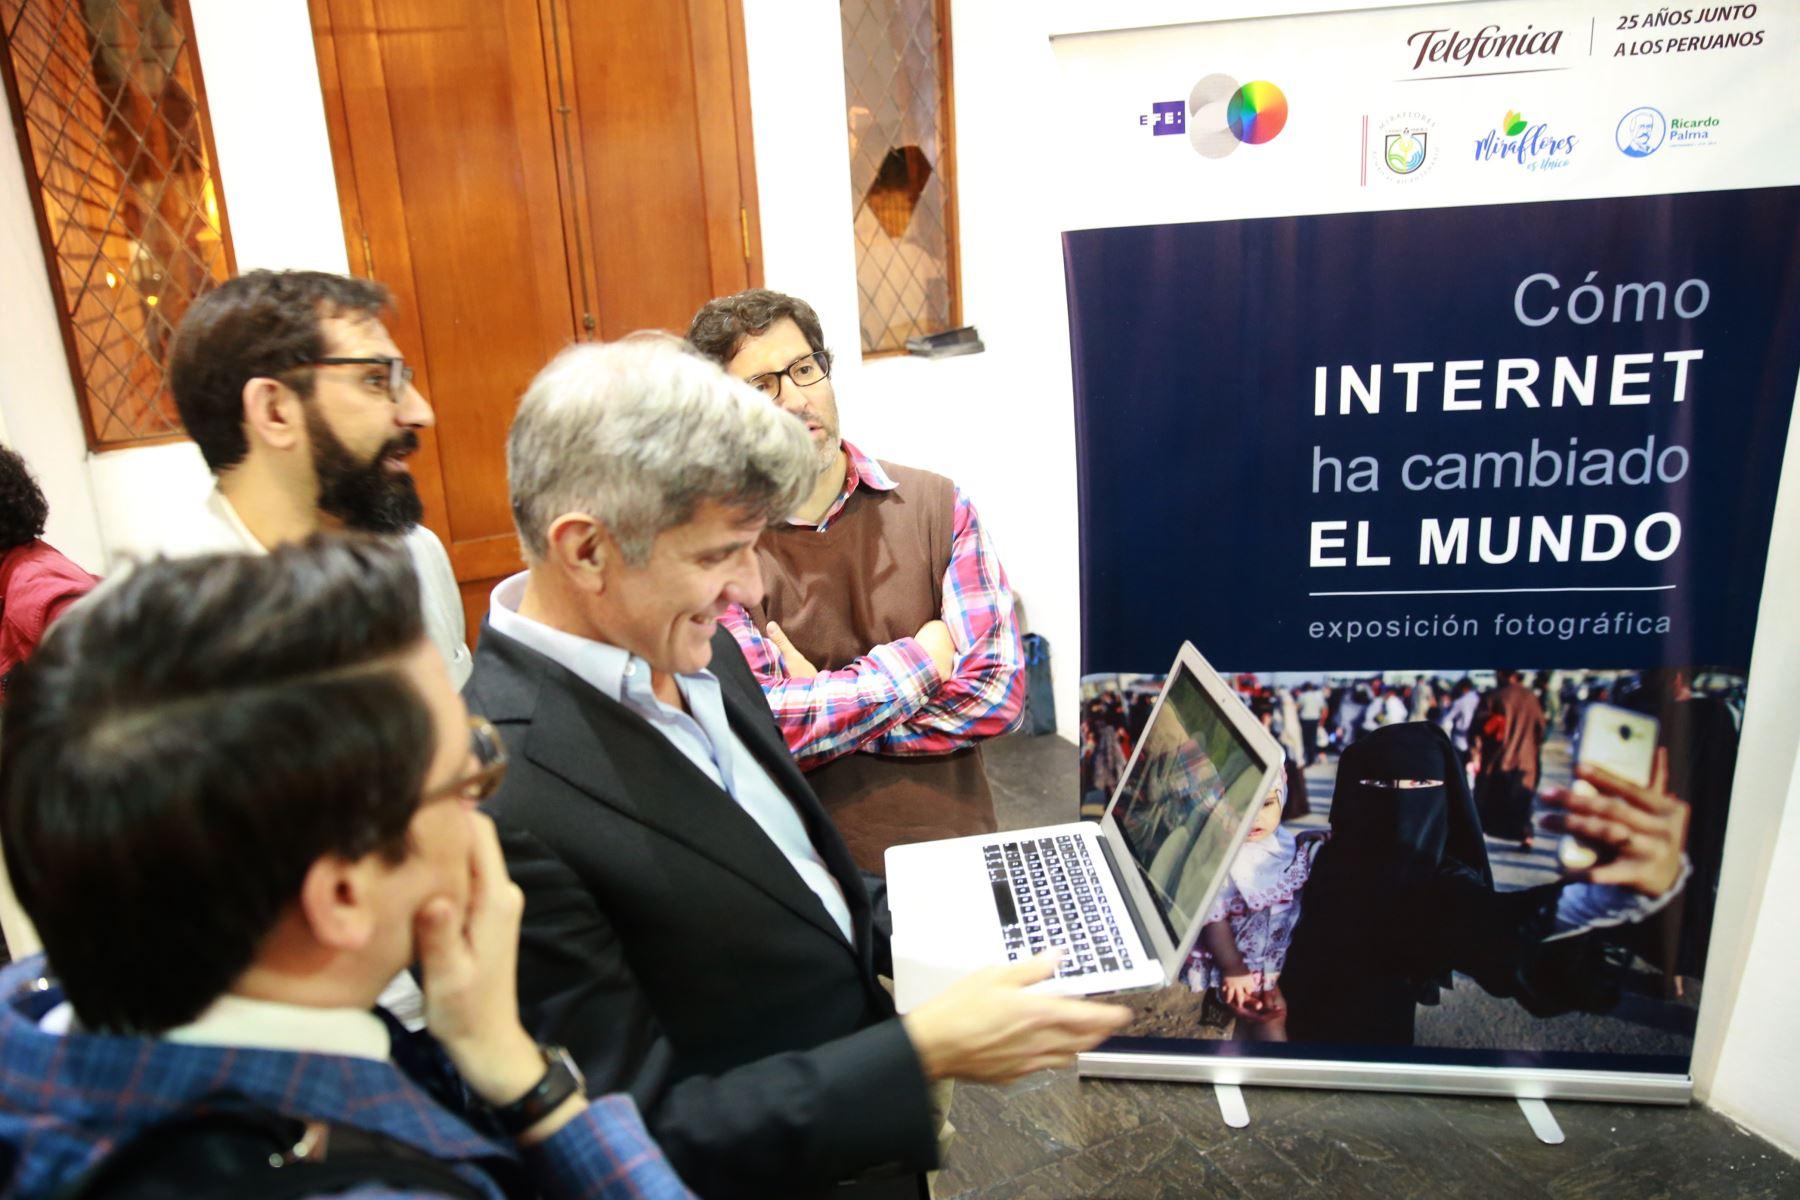 """Manuel Fuentes Garcia, Director General Sudamerica de Efe, durante la exposición fotográfica de la Agencia Internacional EFE y  Telefónica del Perú: """"Como internet ha cambiado el mundo"""", en la la galería El Reducto de Miraflores. Foto: ANDINA/Jhony Laurente"""